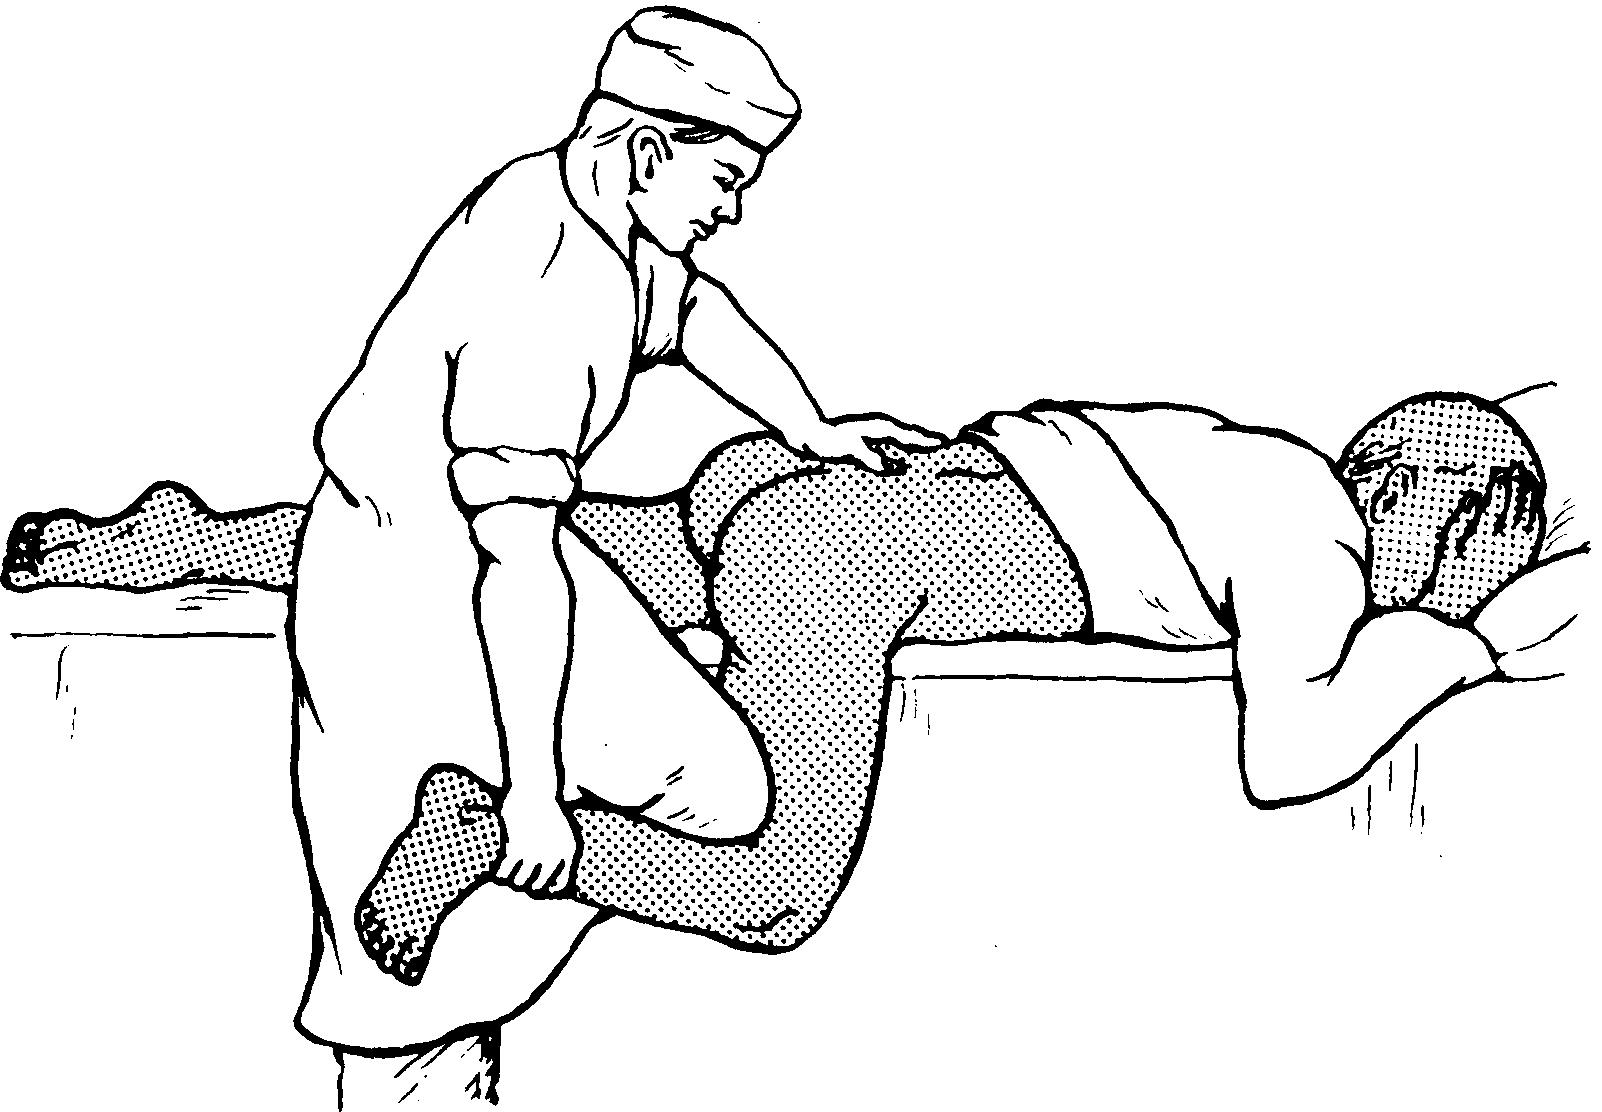 секс при переломе шейки бедра-ыб2